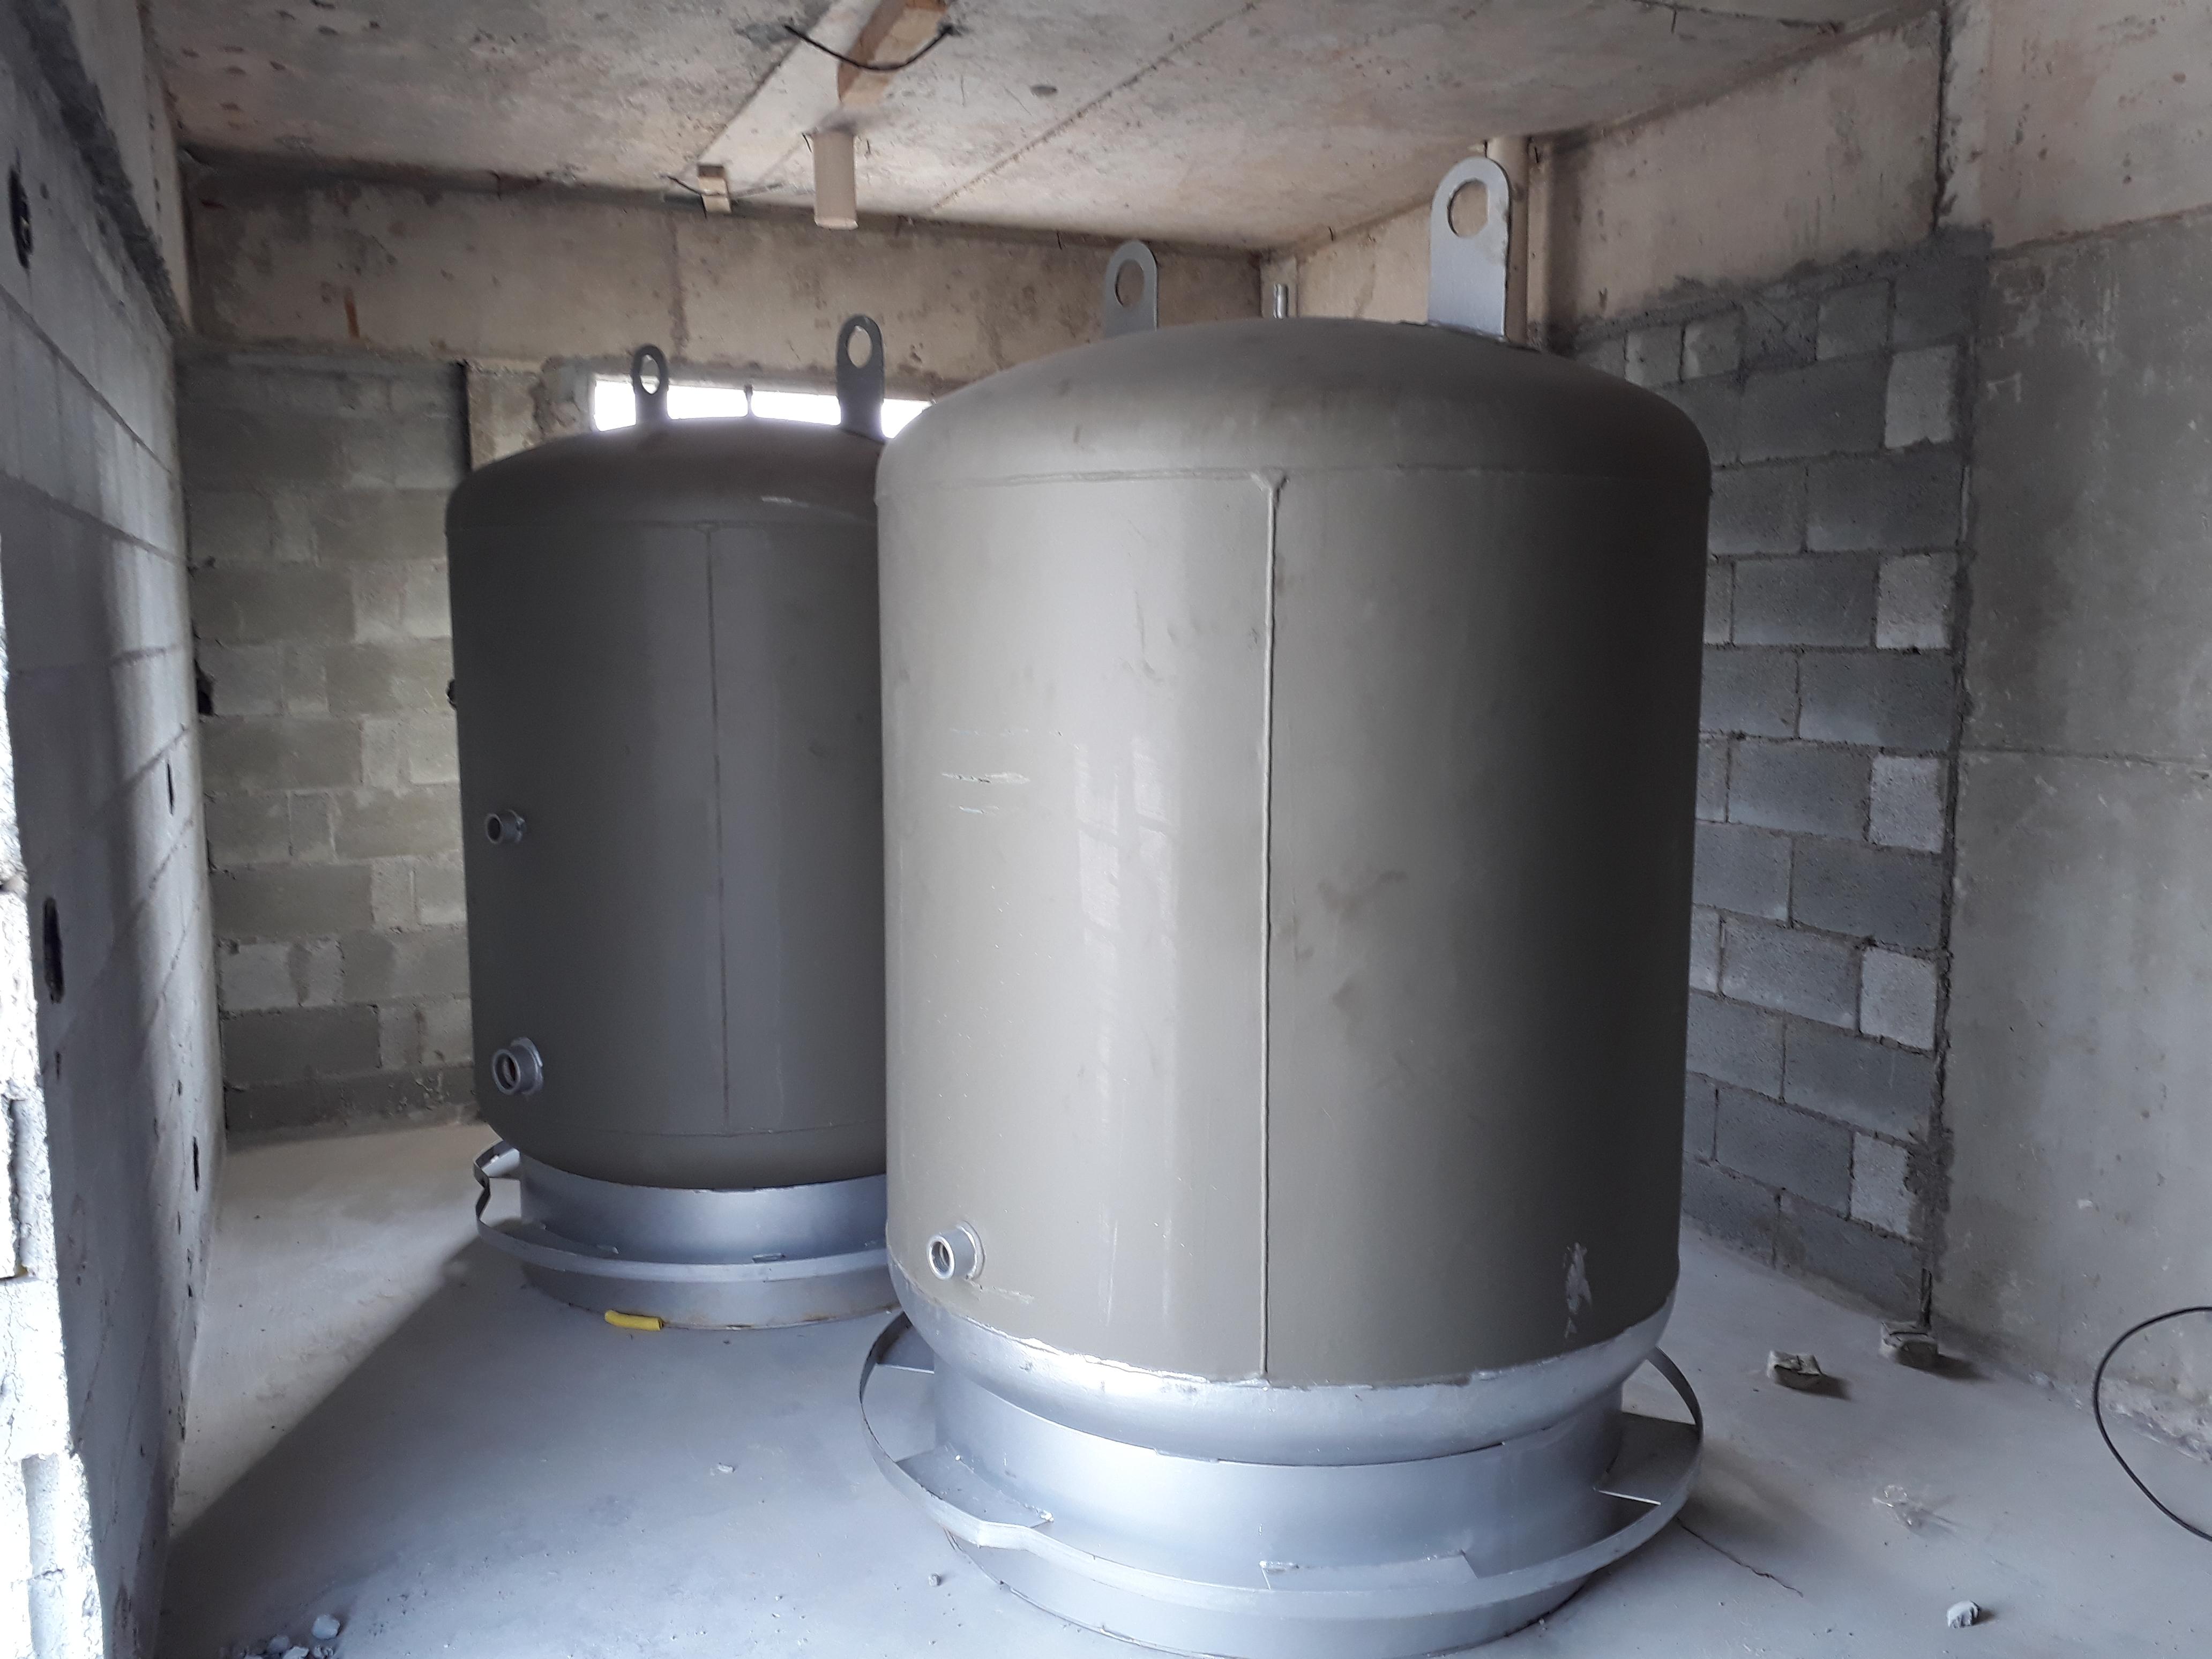 Colocação dos tanques para aquecimento s